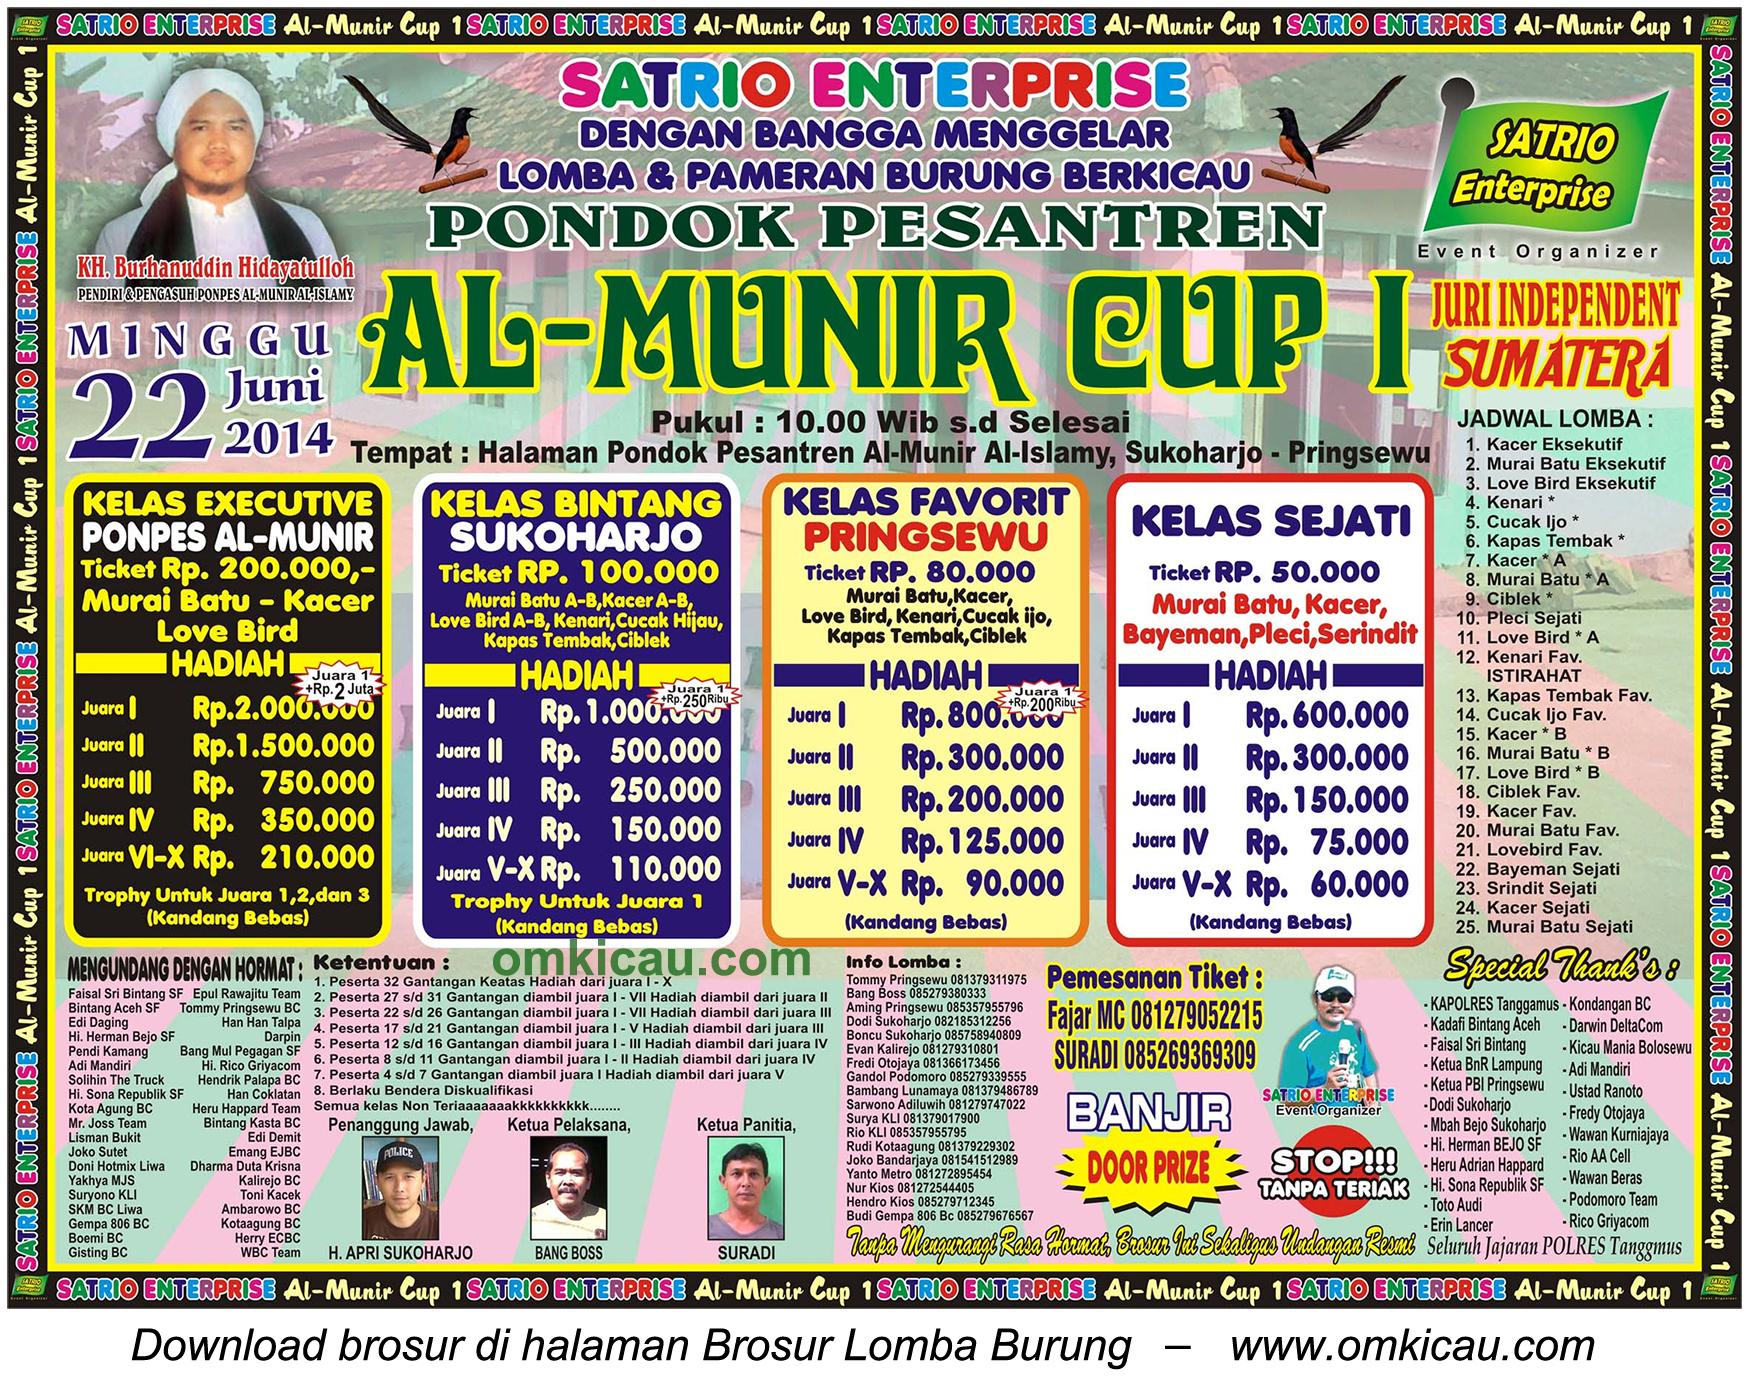 Lomba Burung Al Munir Cup 1, Pringsewu, 22 Juni 2014